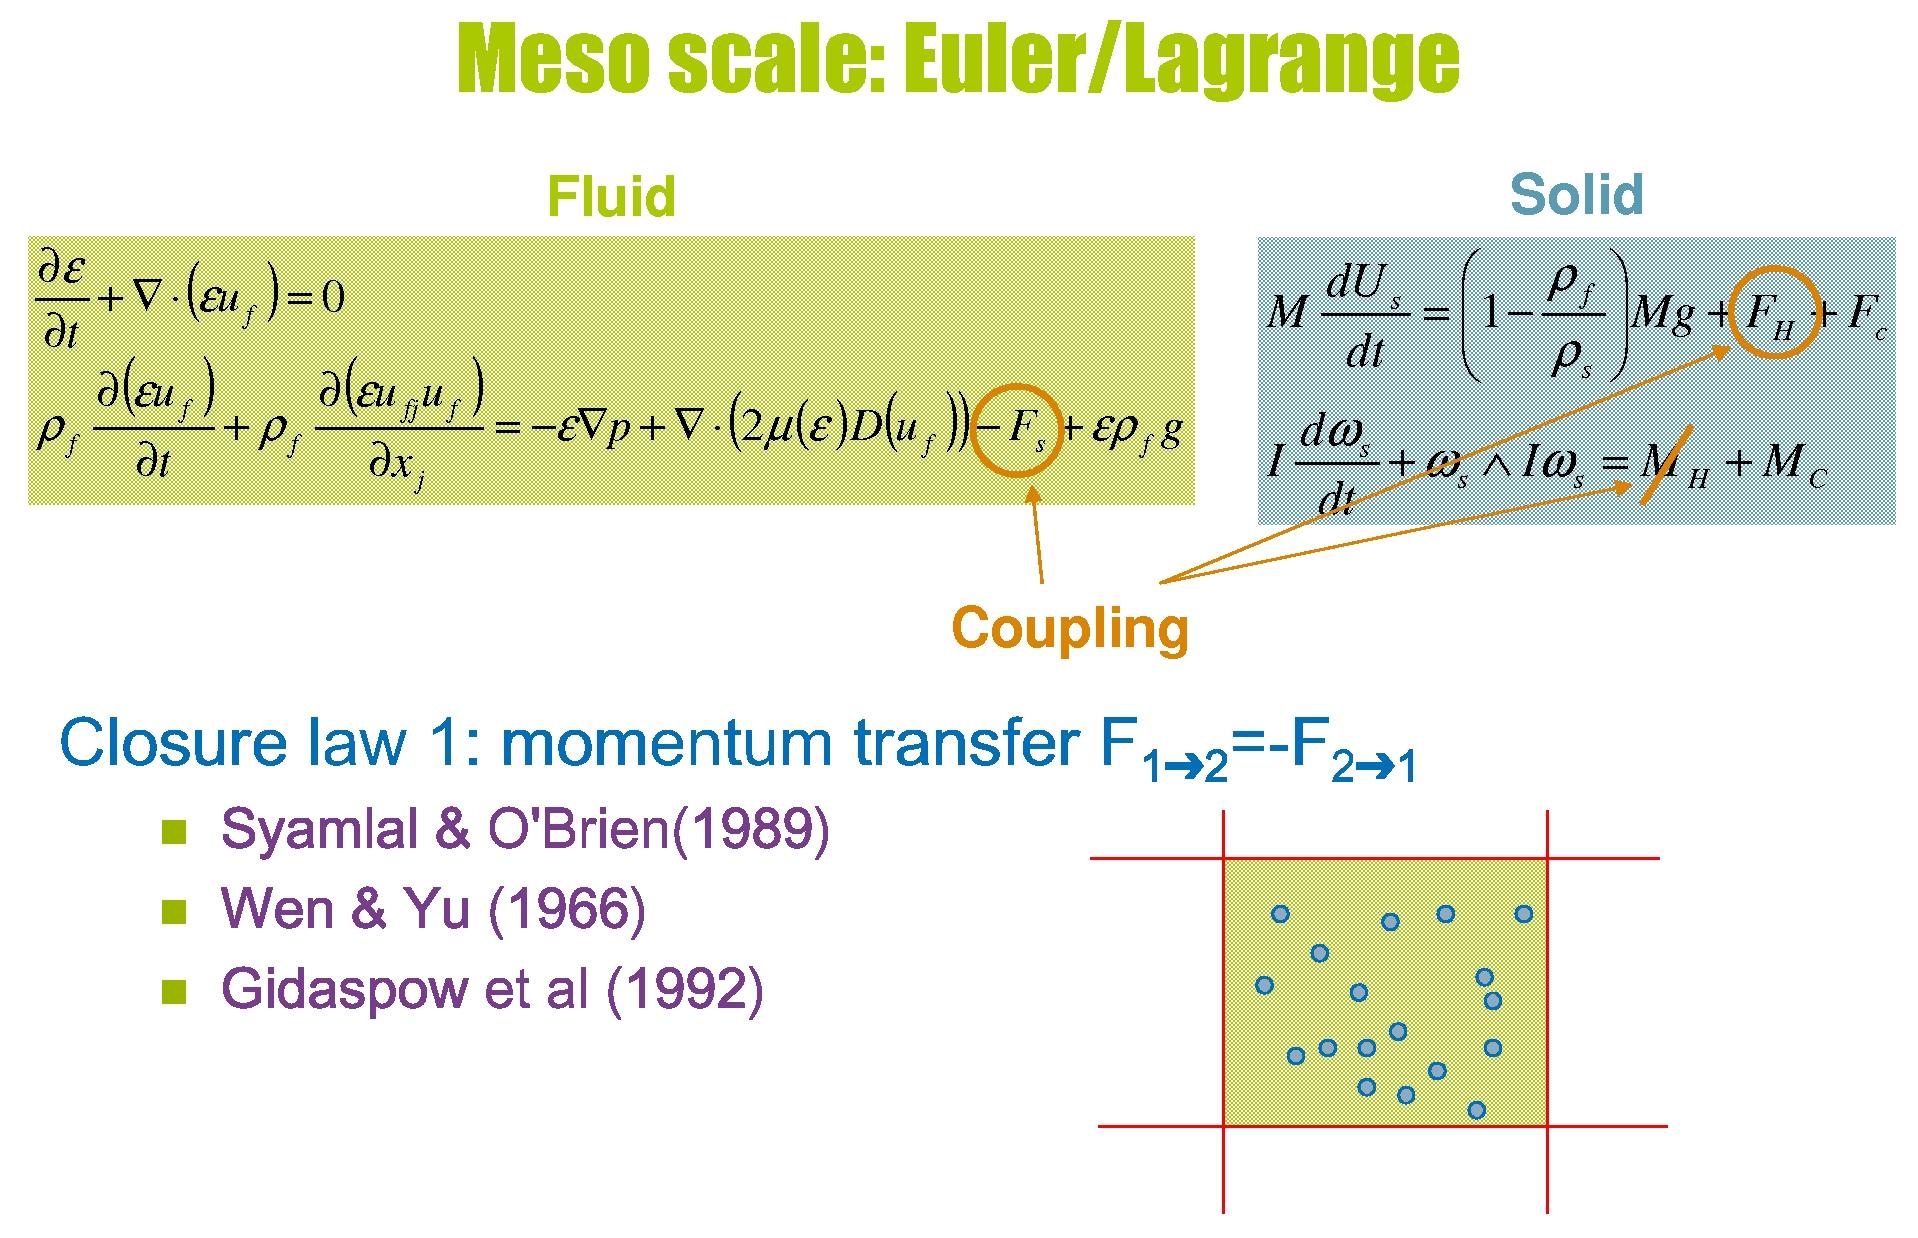 Meso laws